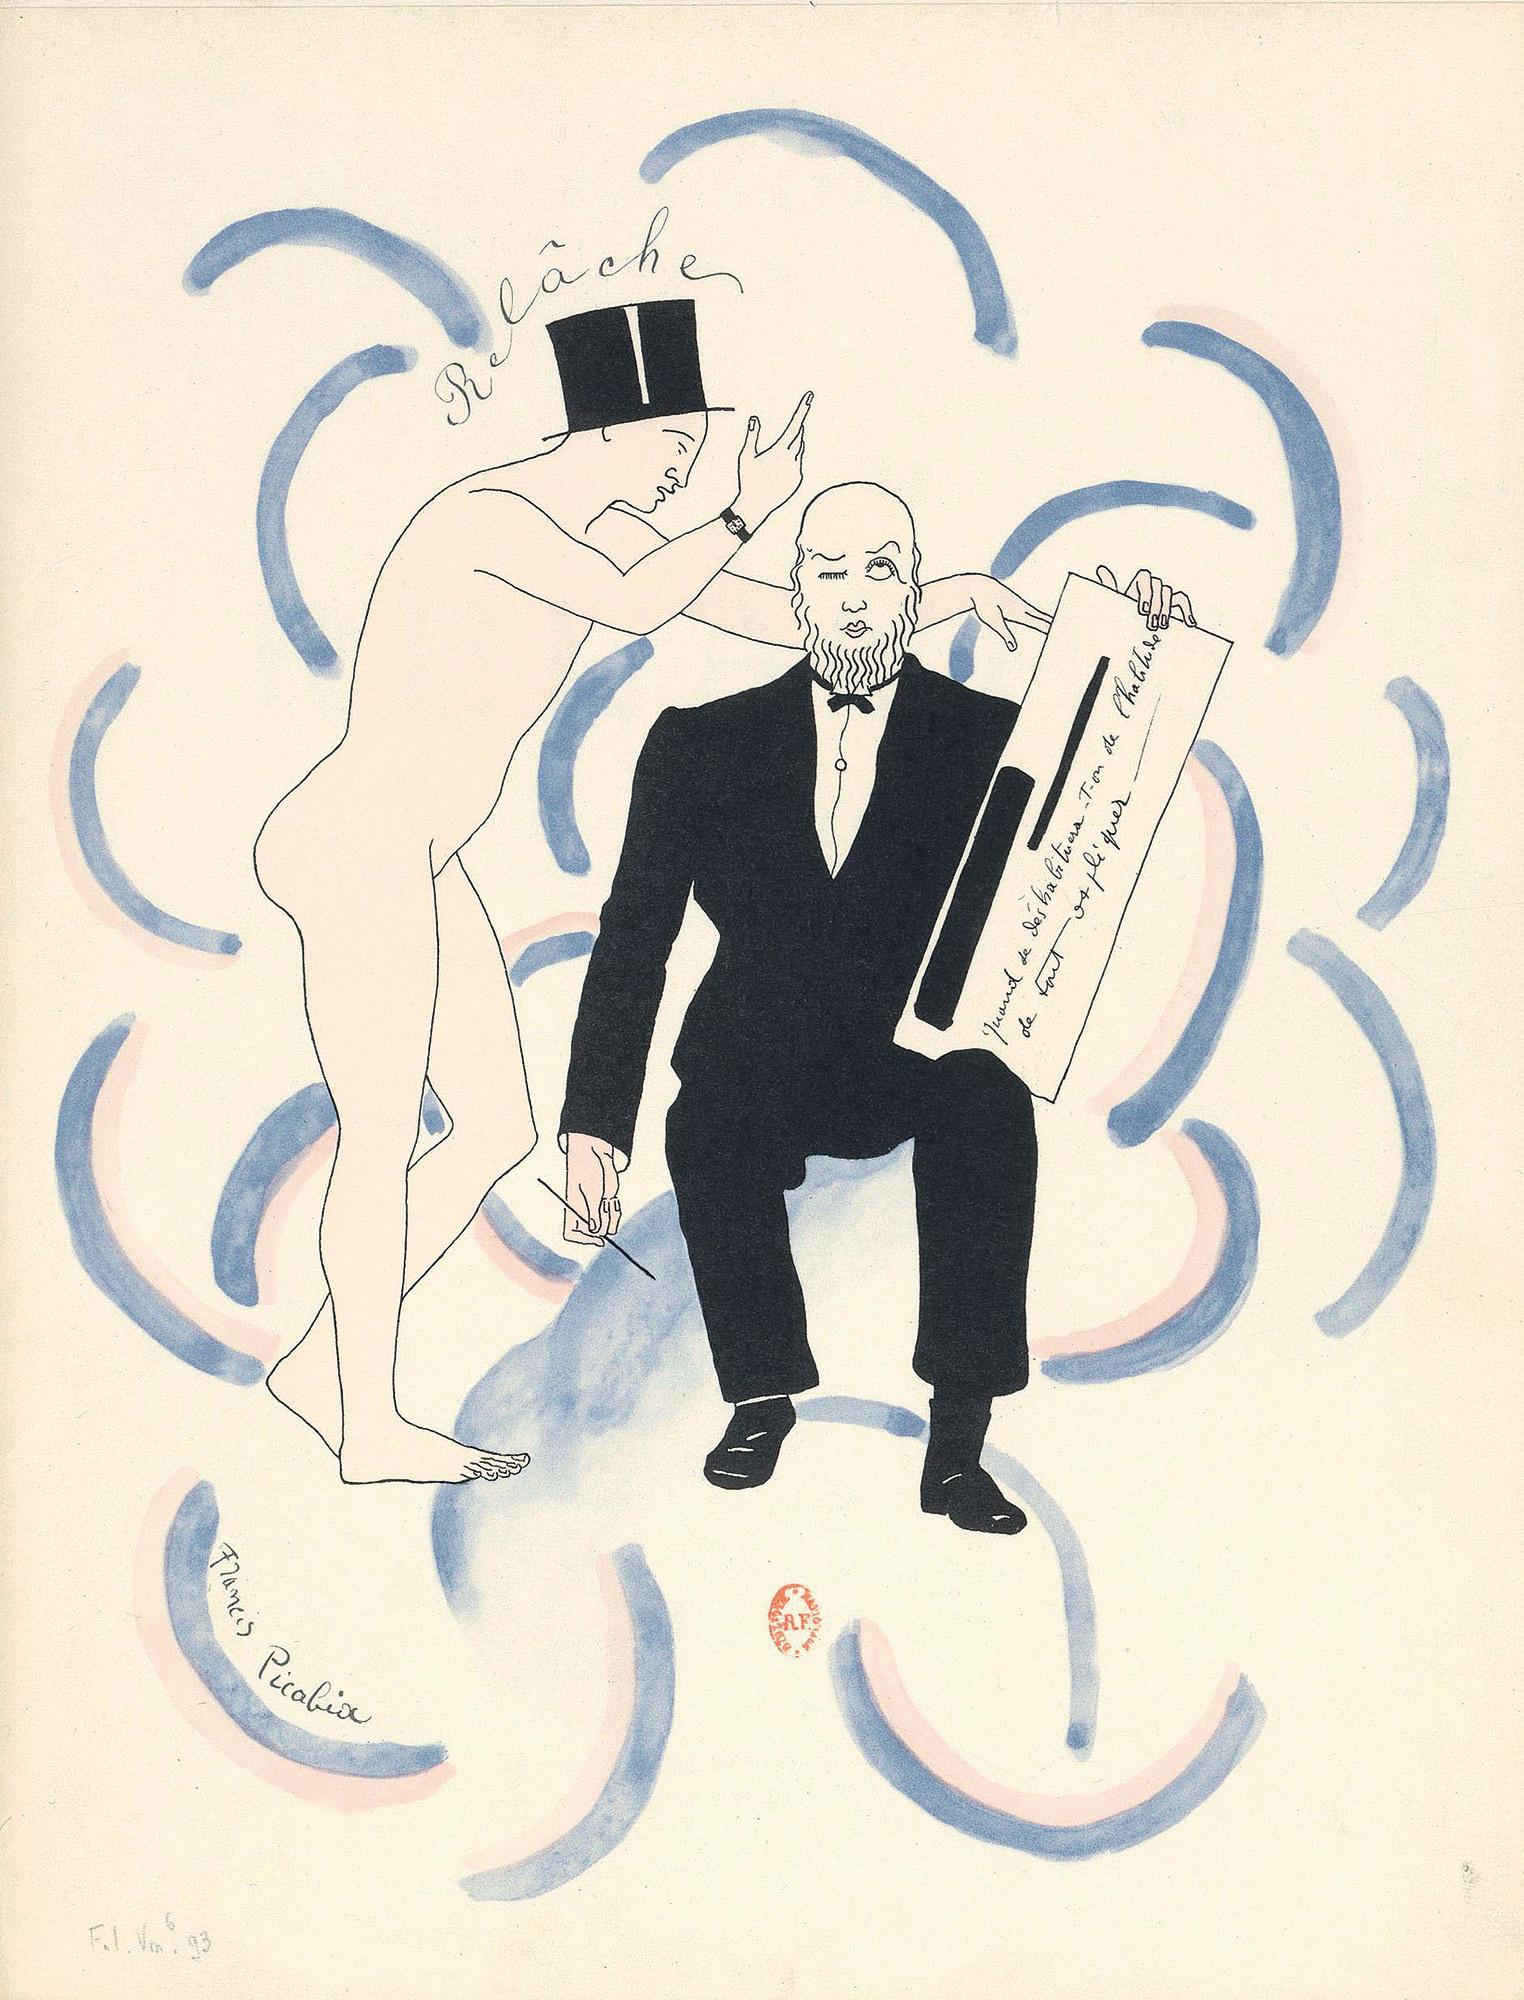 フランシス・ピカビア《「本日休演」の楽譜の口絵》 1926年 紙、リトグラフ フランス国立図書館 Bibliothèque nationale de France, Paris